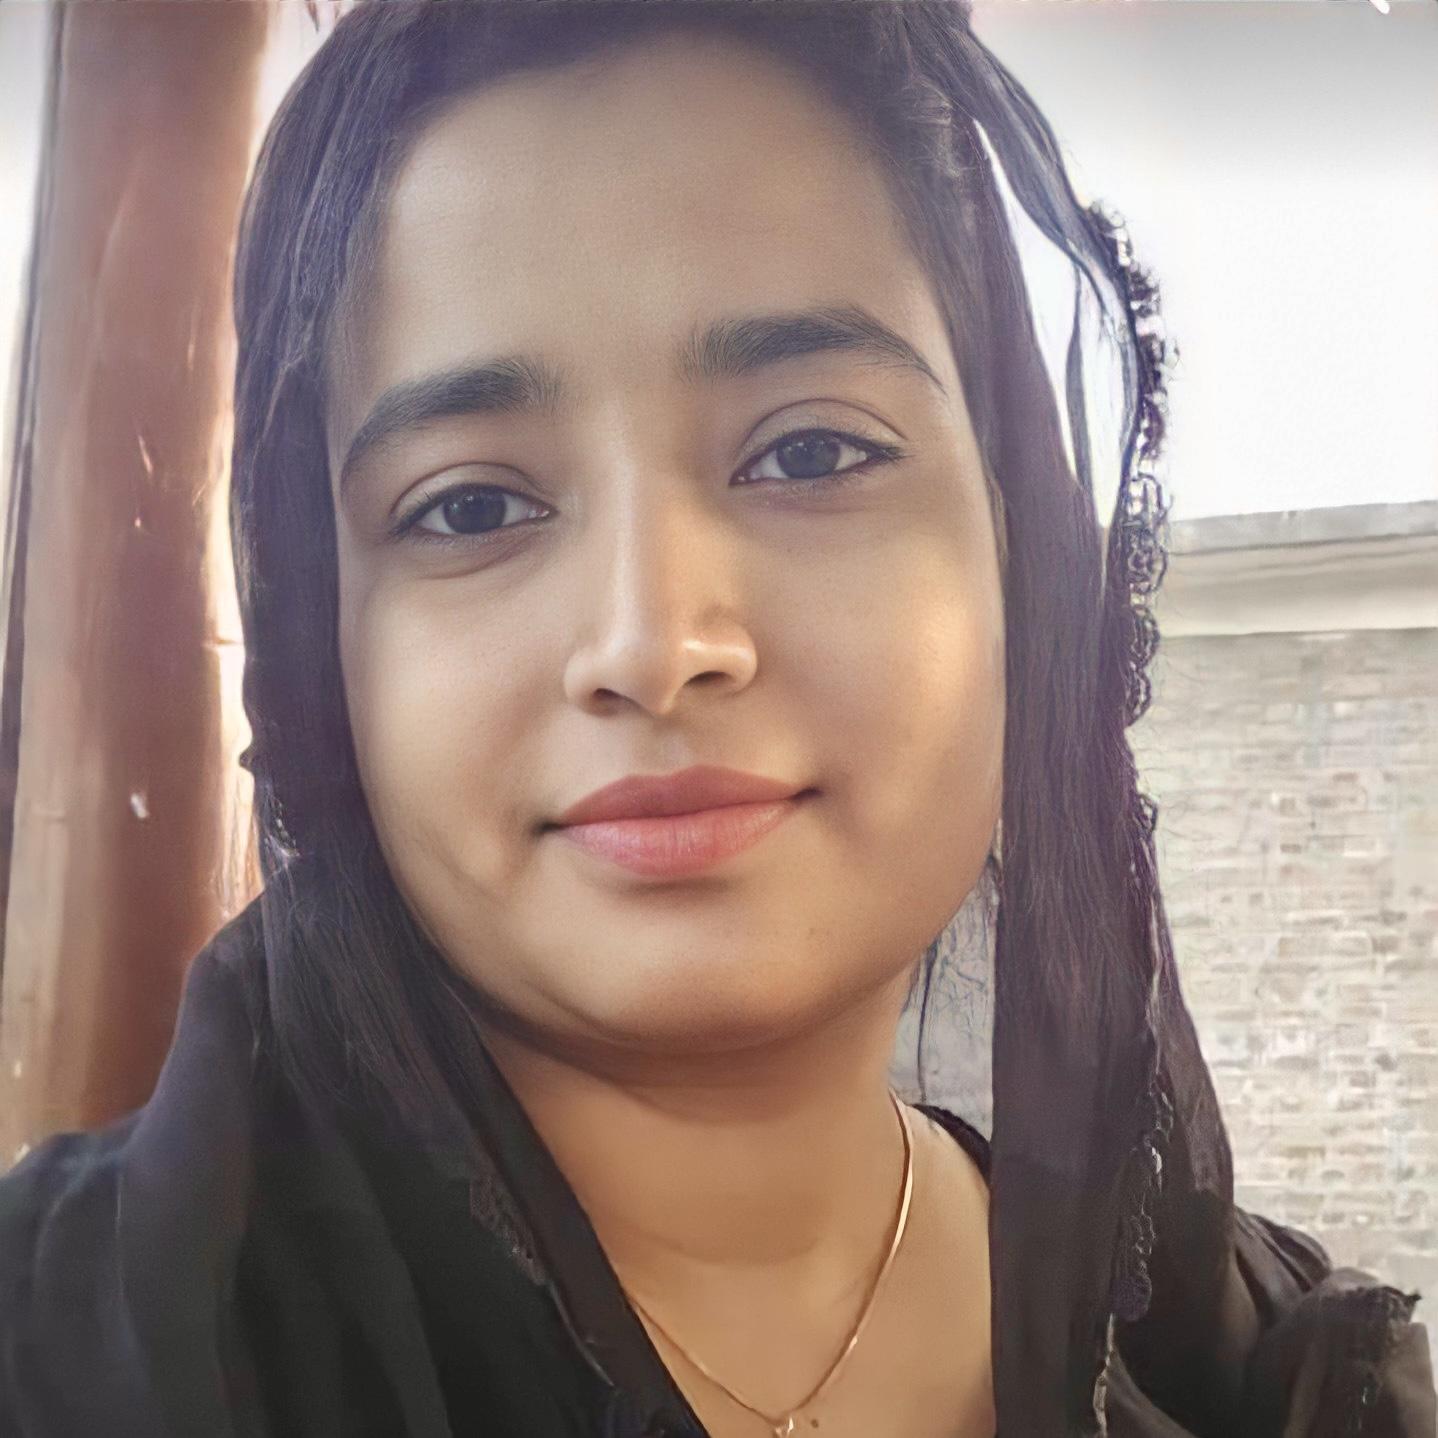 Sidra Chaudhry